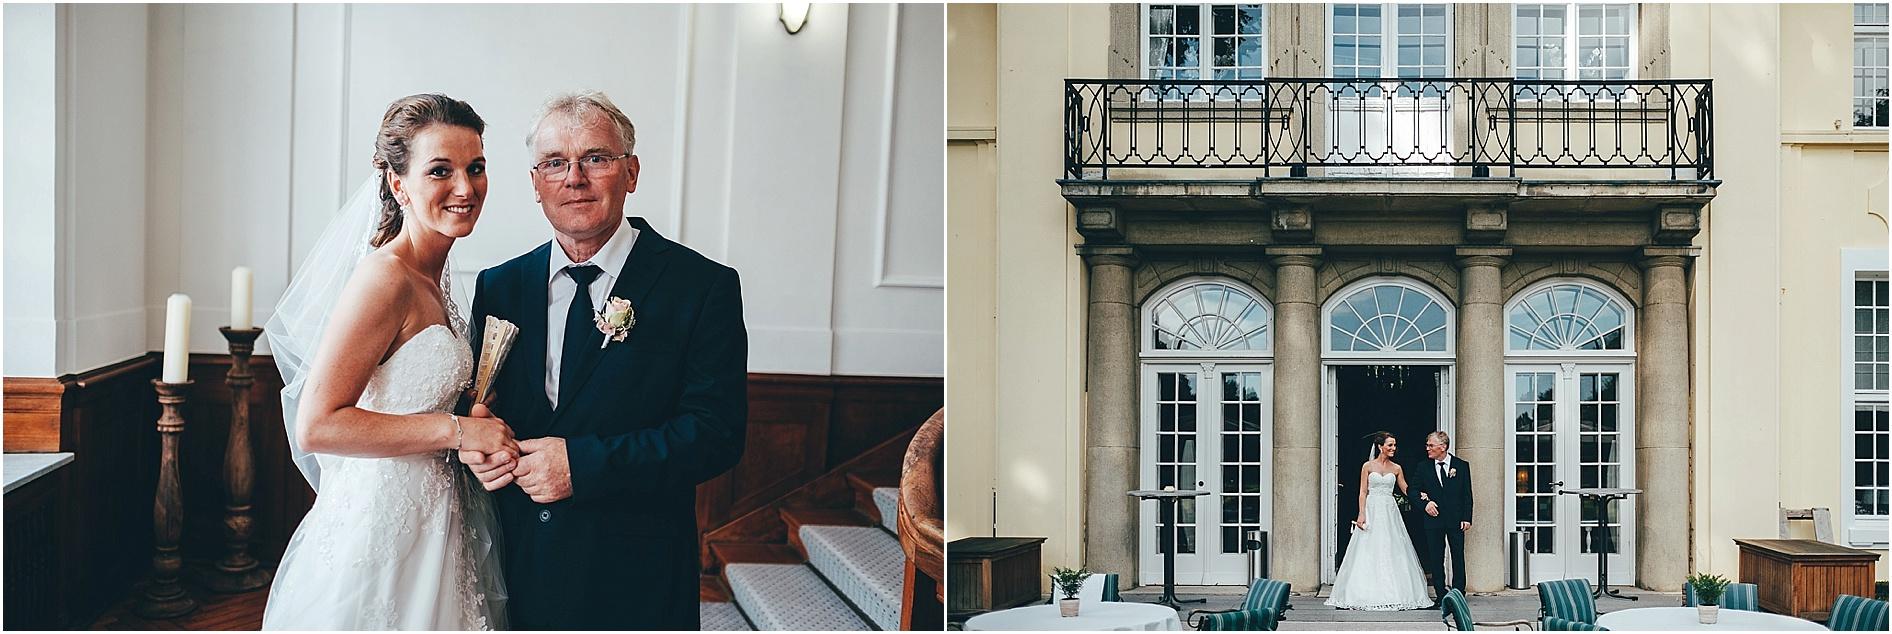 Hochzeitsfotograf Schwerin, Schloss Hasenwinkel, Caro und Marc, 2017-01-17_0024.jpg